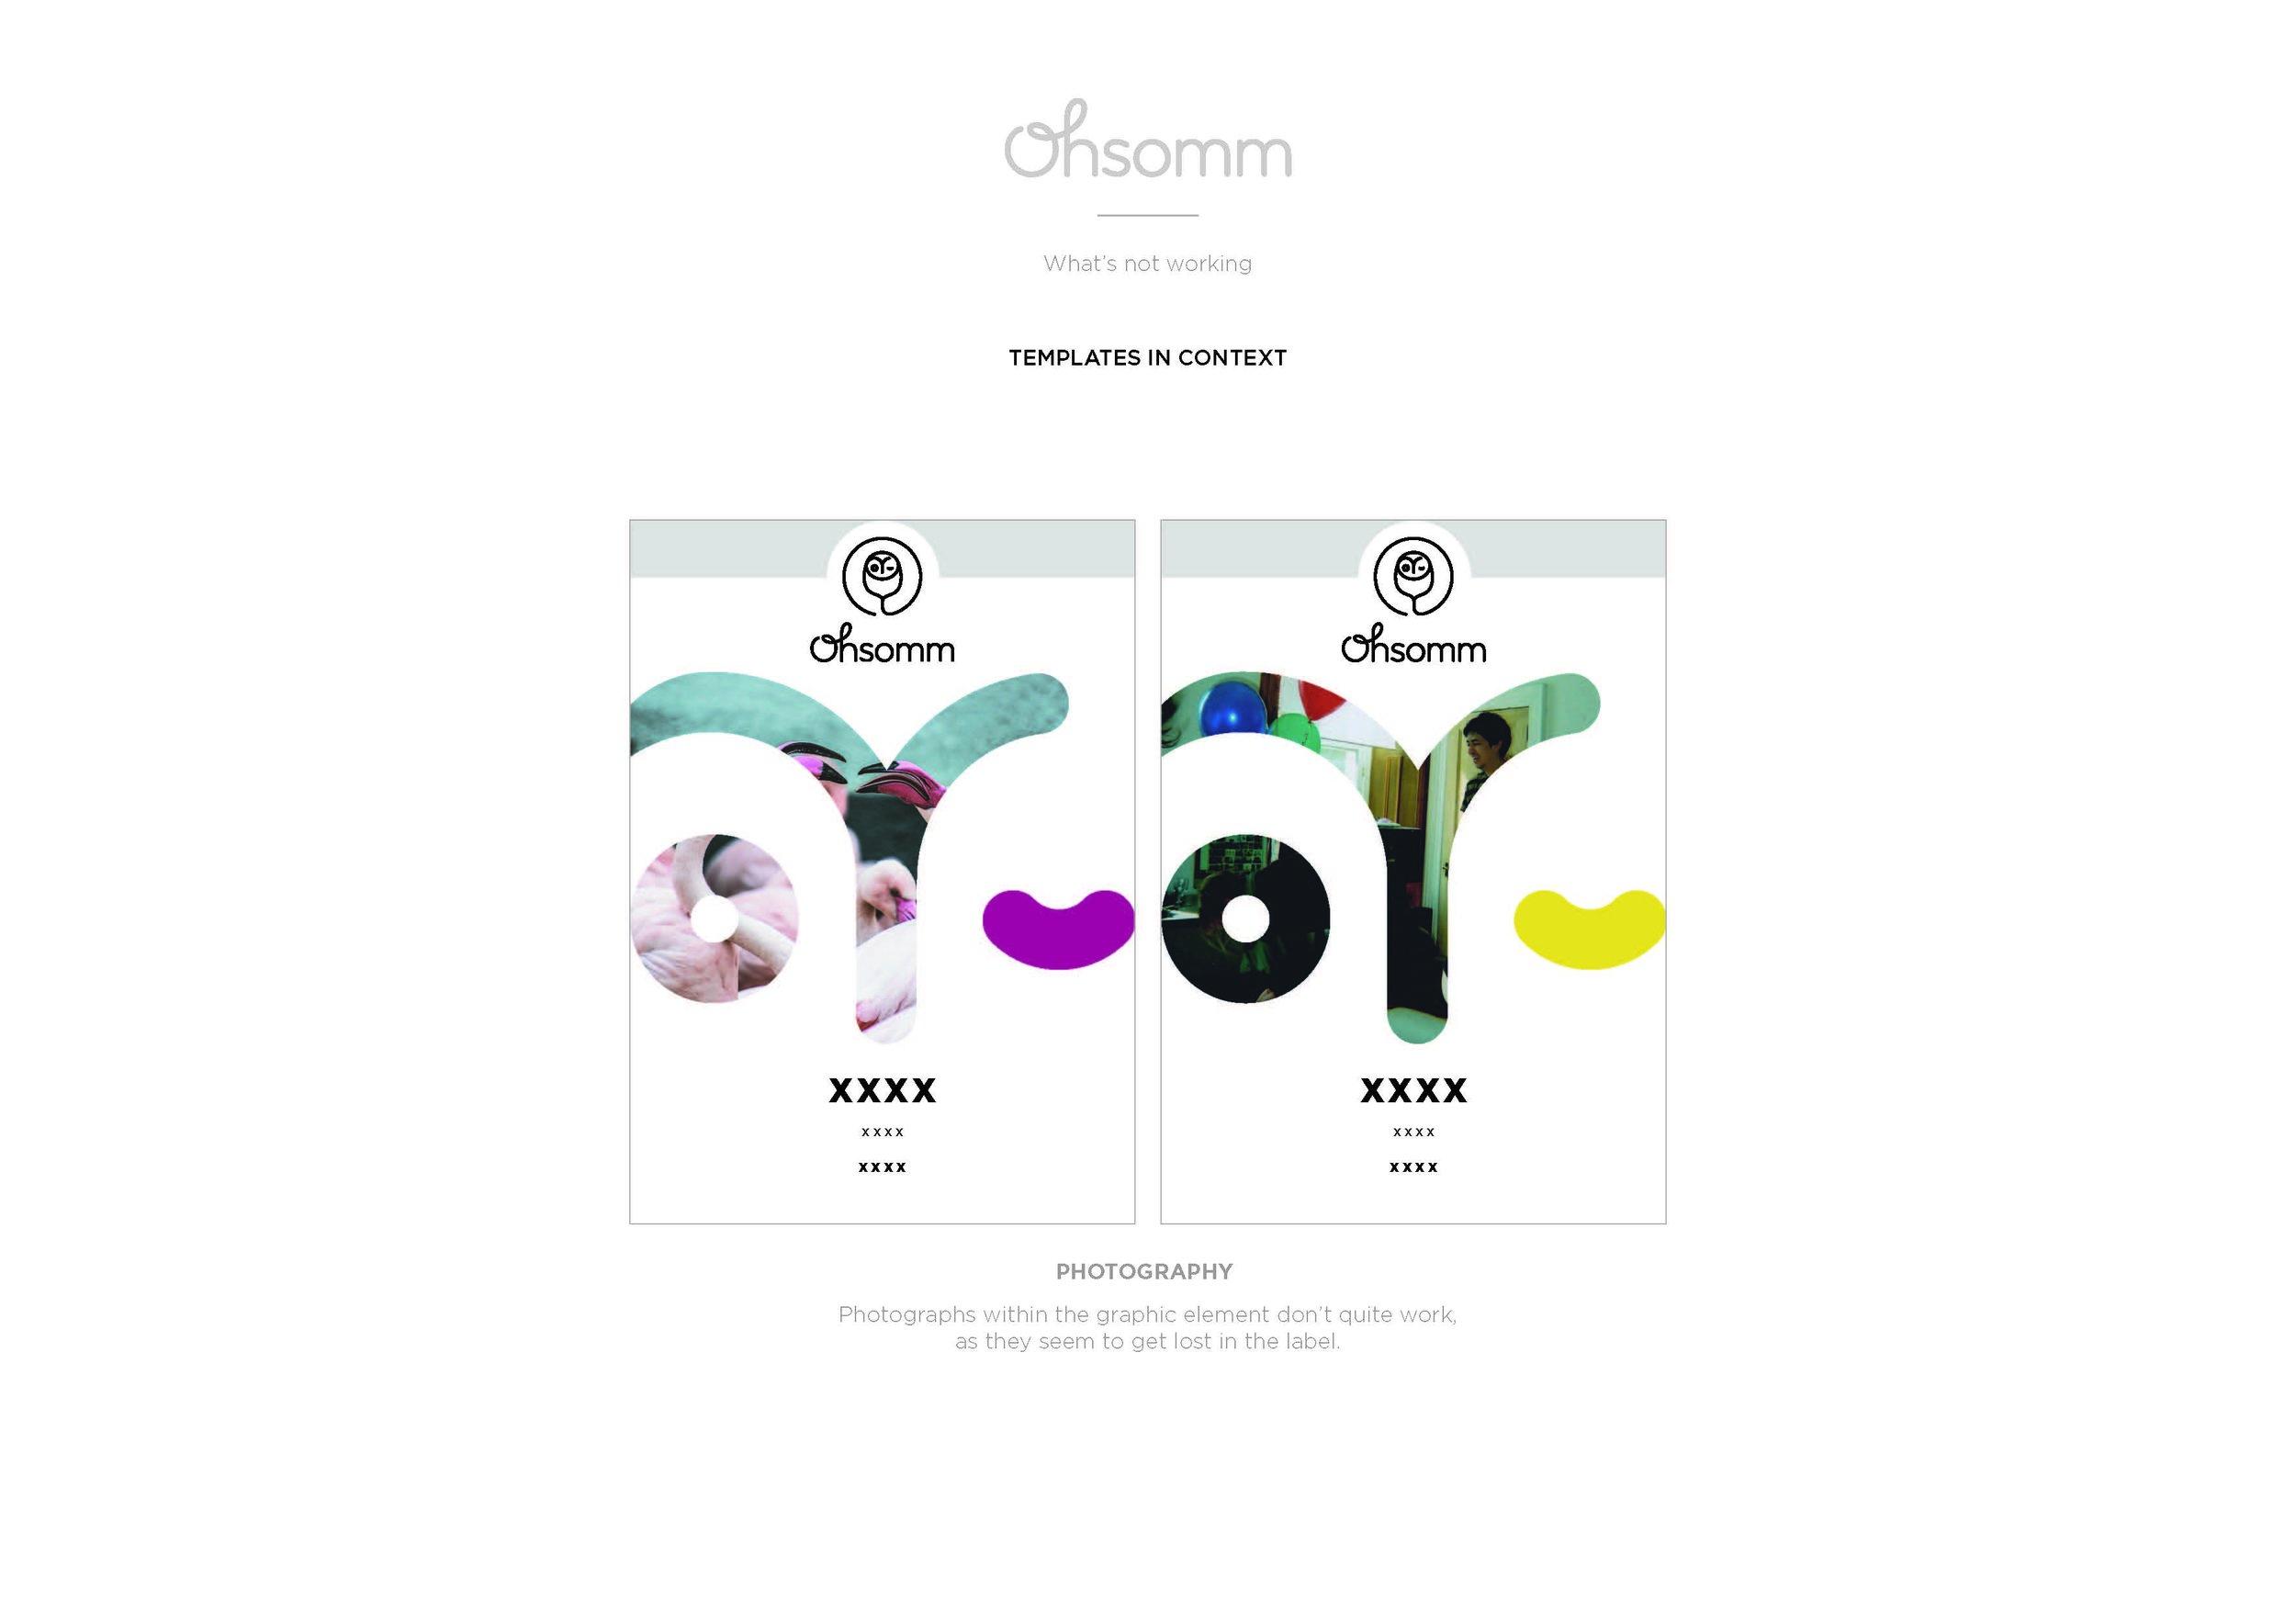 OHSOMM_Front-Designs_Revisited_v2_Page_041.jpg